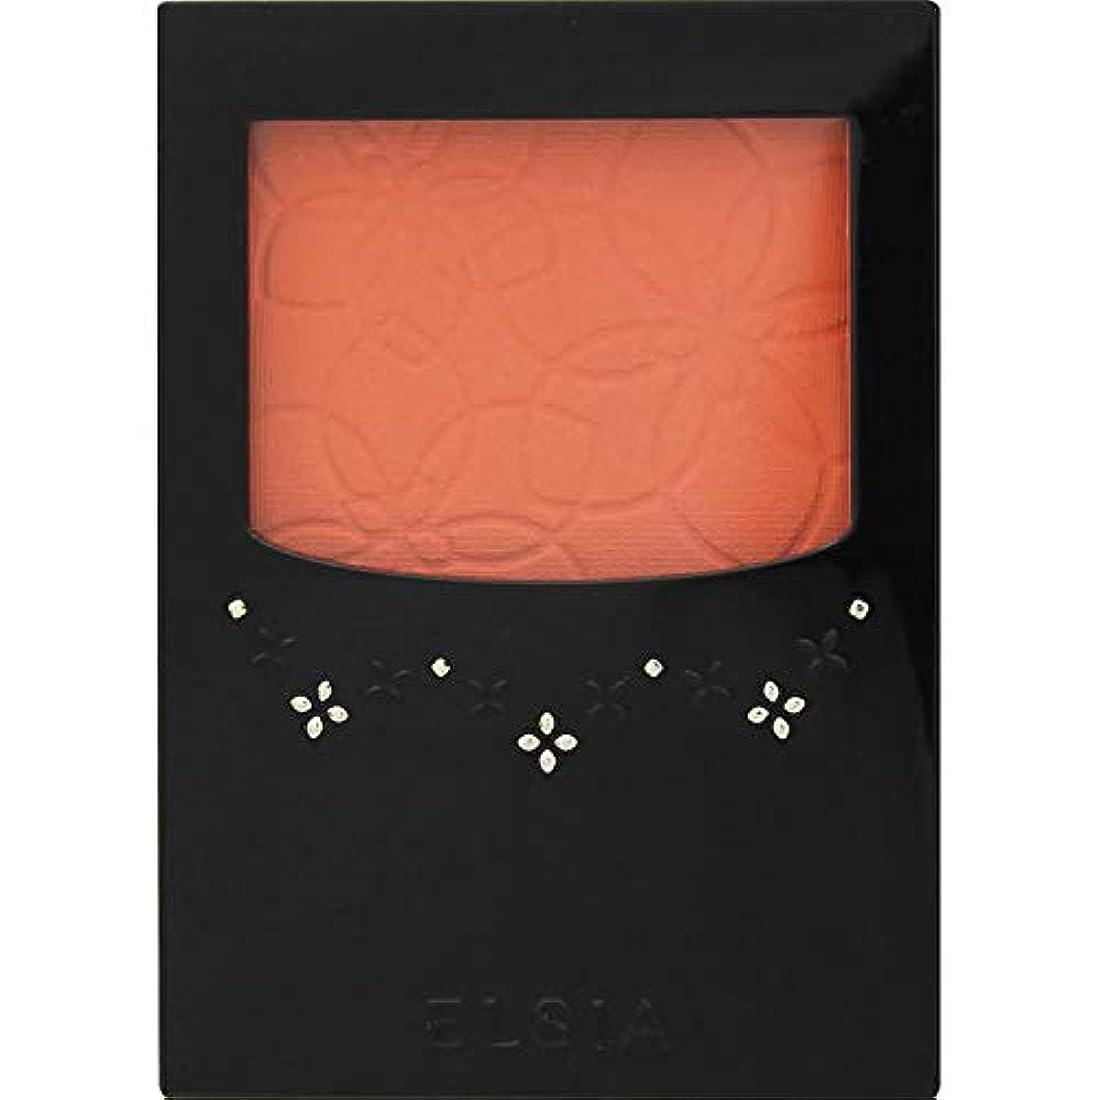 ぐるぐるフルーツ野菜算術エルシア プラチナム 明るさ&血色アップ チークカラー オレンジ系 OR200 3.5g